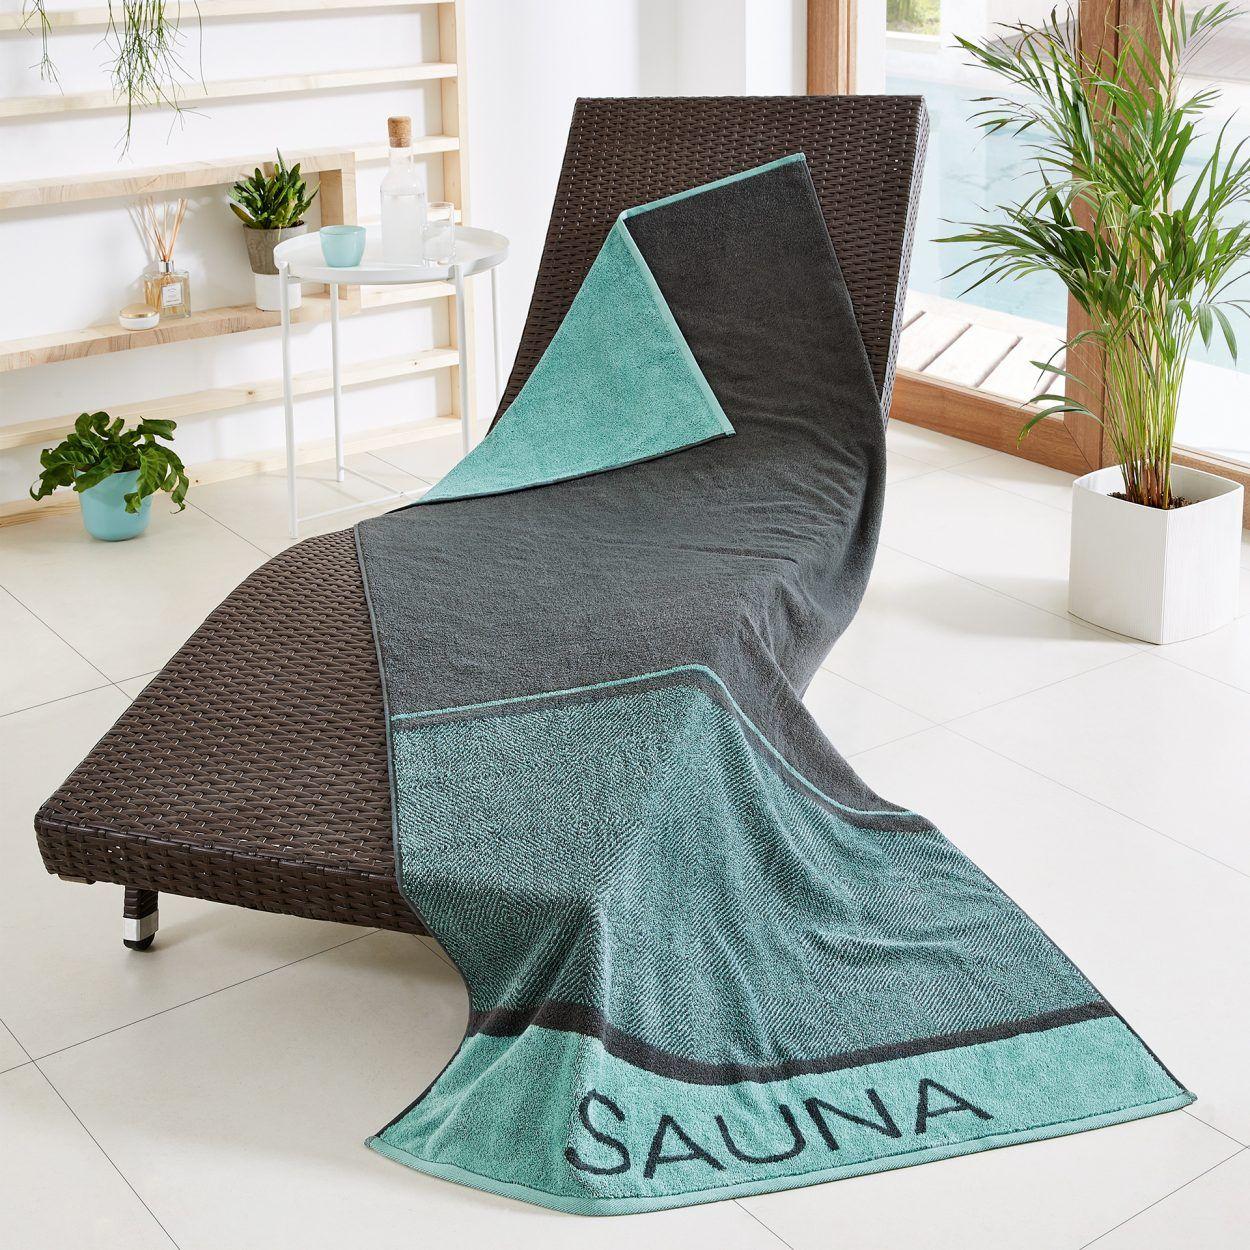 [Aldi Nord] Saunatuch reine Baumwolle 200 x 90